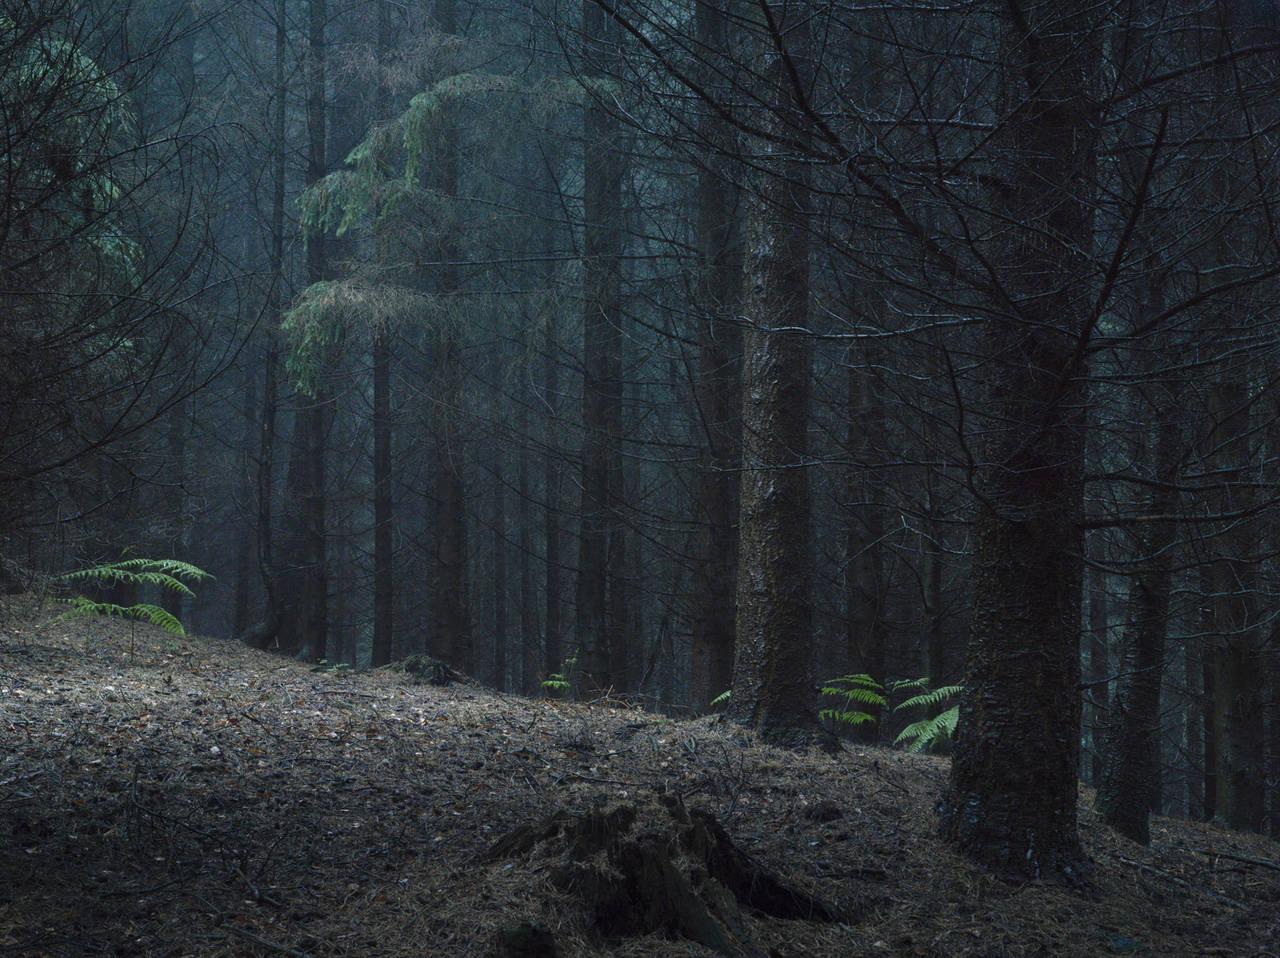 слезы льются картинки леса как в сумерках позволит